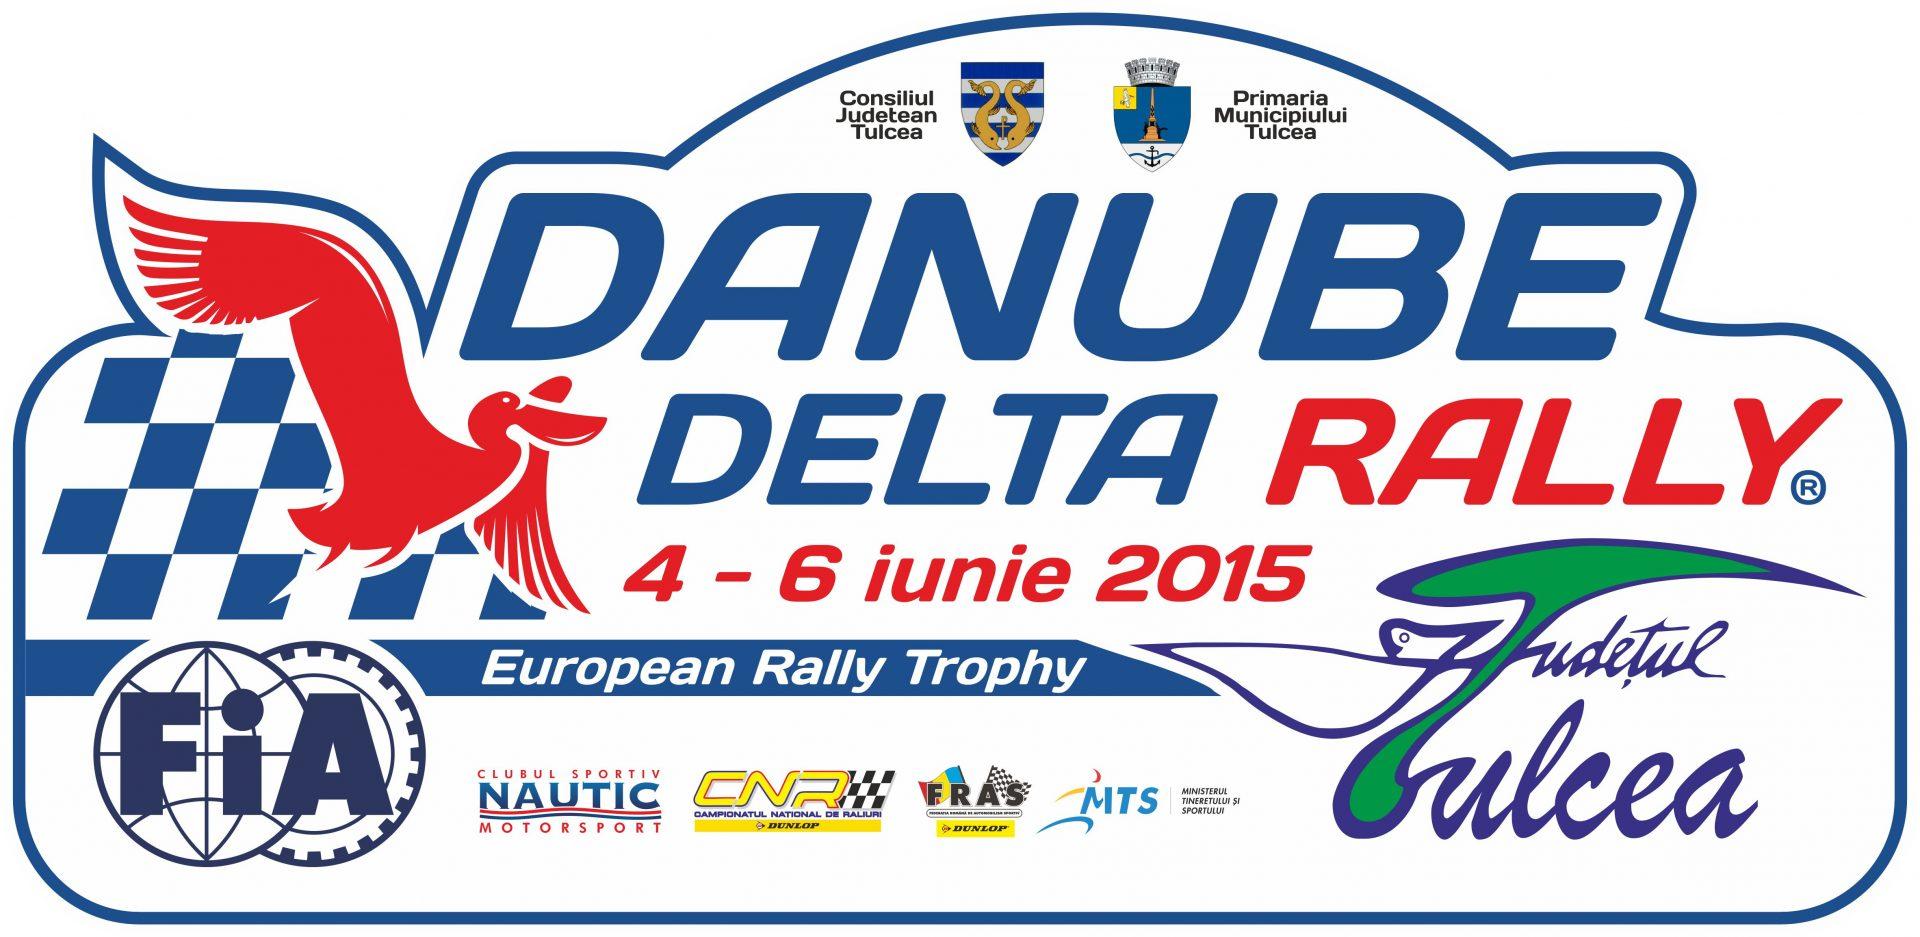 Danube Delta Rally 2015 – Documente oficiale